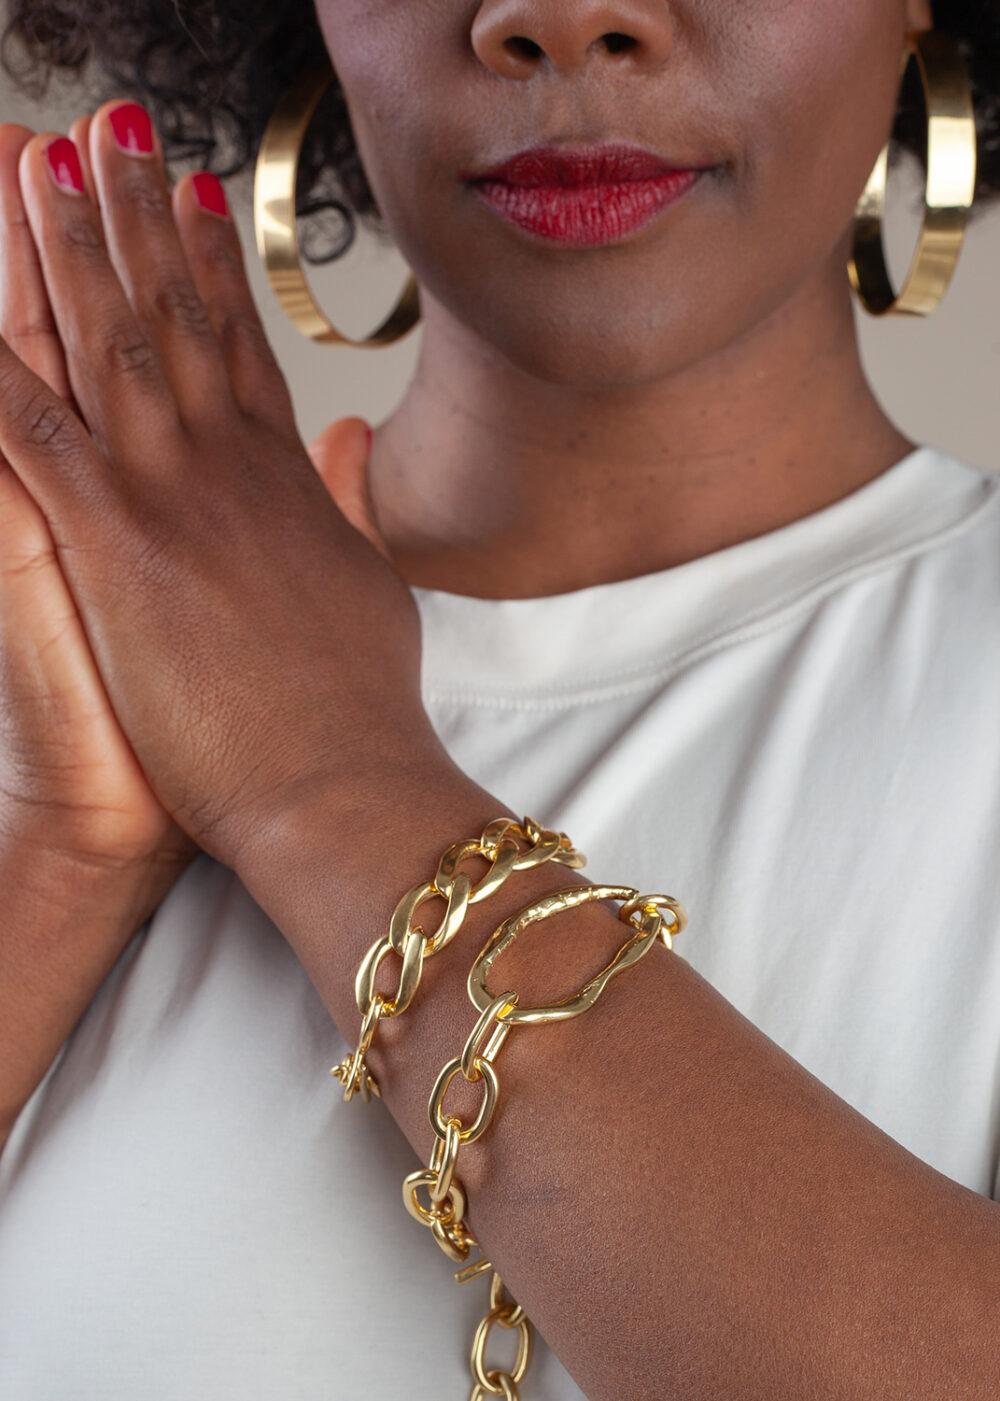 Denise-MBaye-Nika-Armband-gold